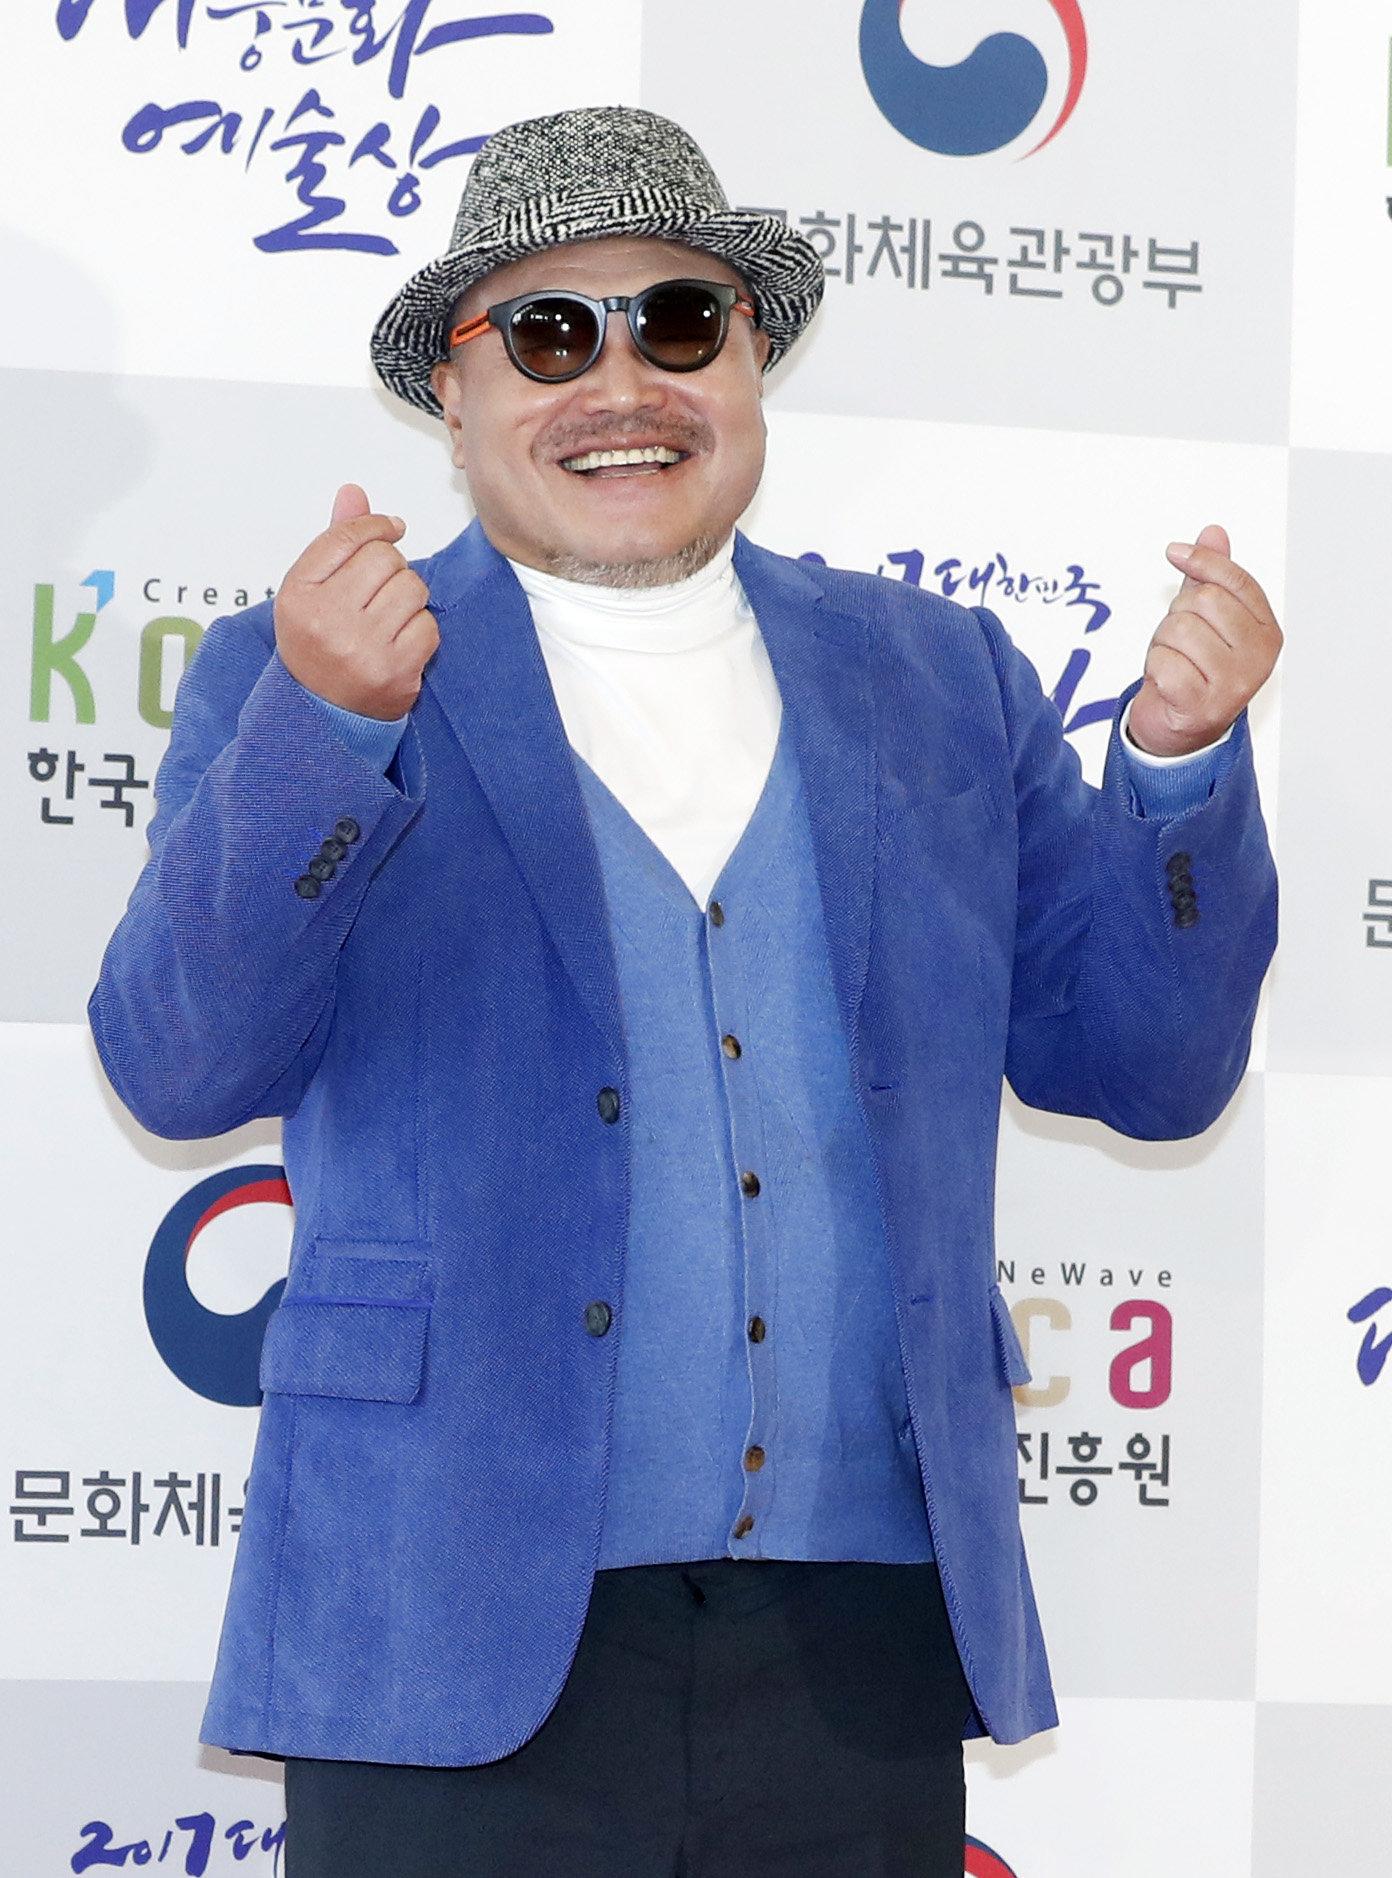 김흥국 측이 '아내 폭행' 보도에 입장을 밝혔다